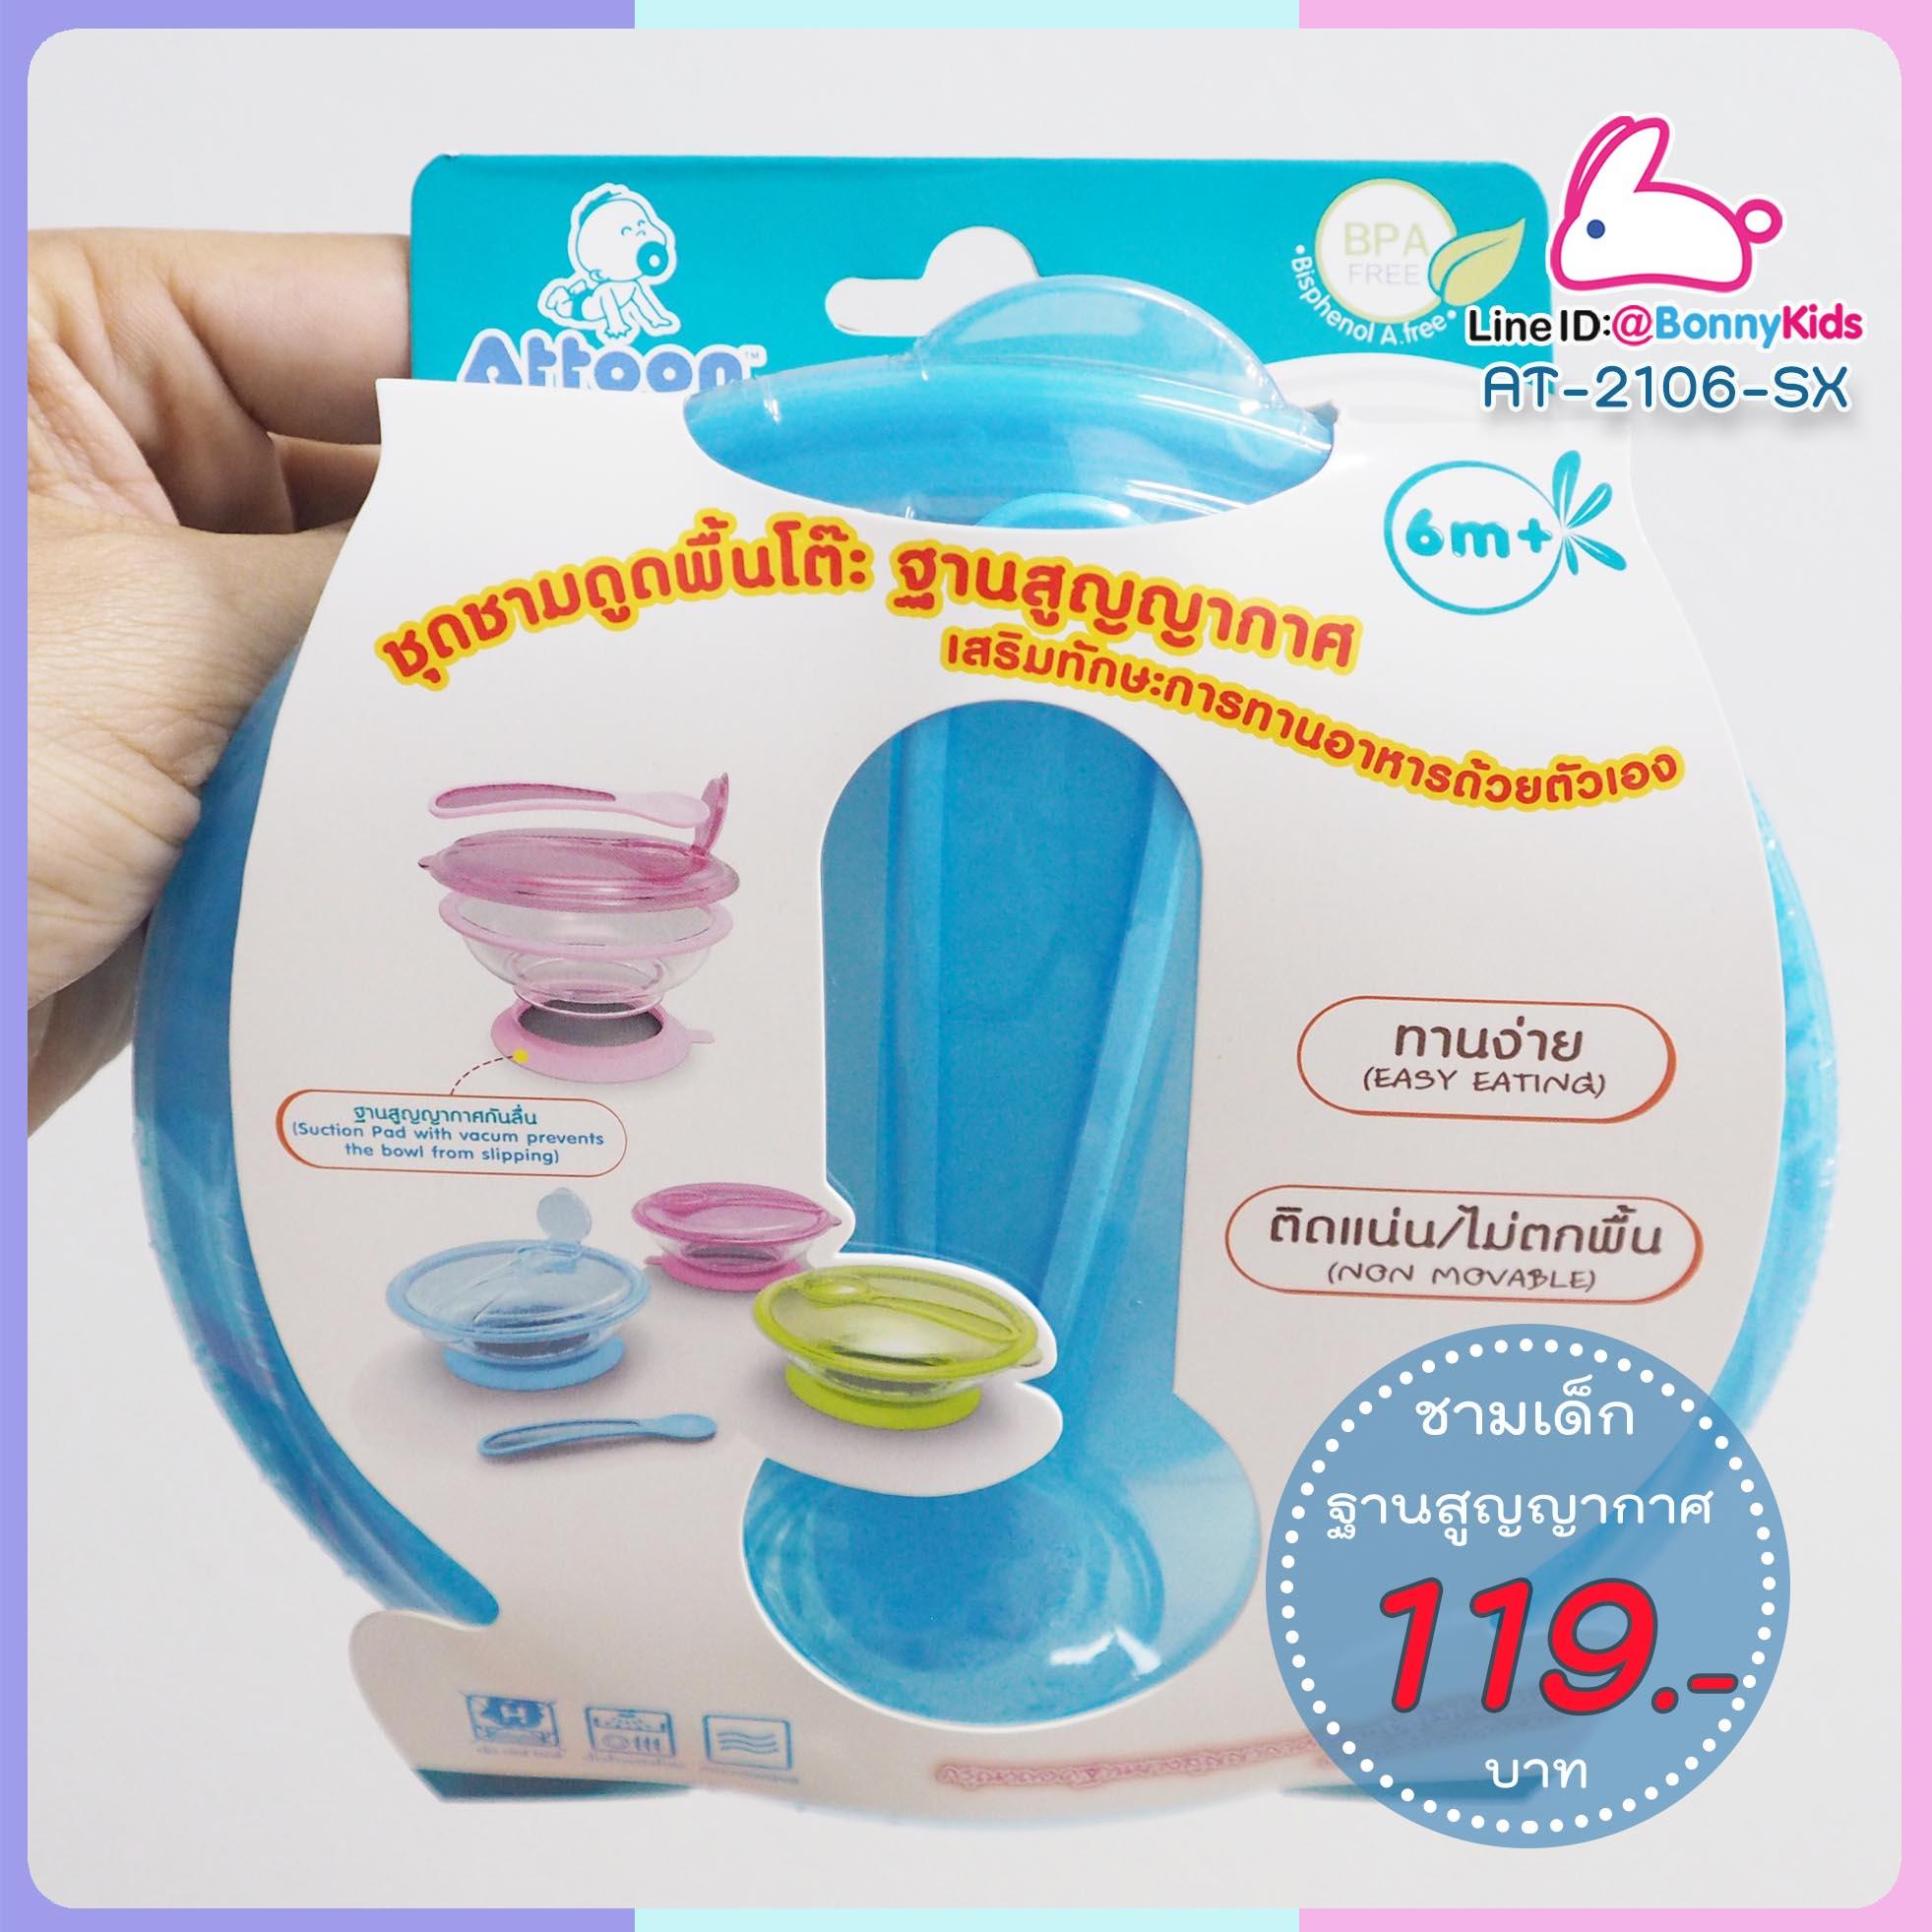 ชุดชามอาหารเด็กอ่อน ฐานสูญญากาศ ATTOON สีฟ้า